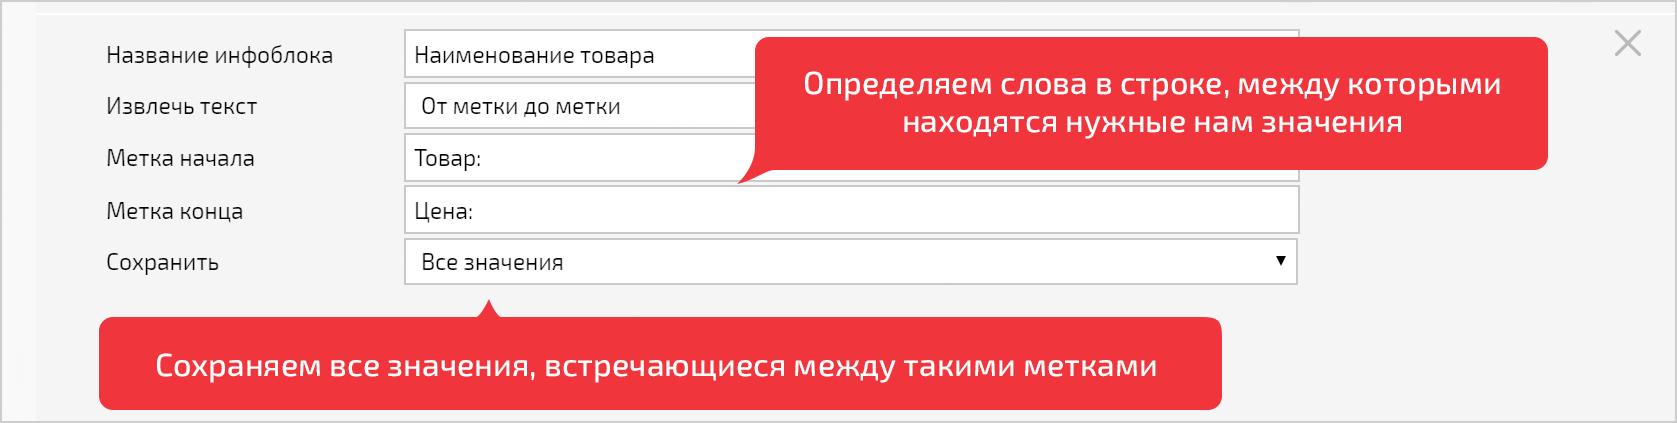 Извлечение данных заказа из письма в ПланФиксе